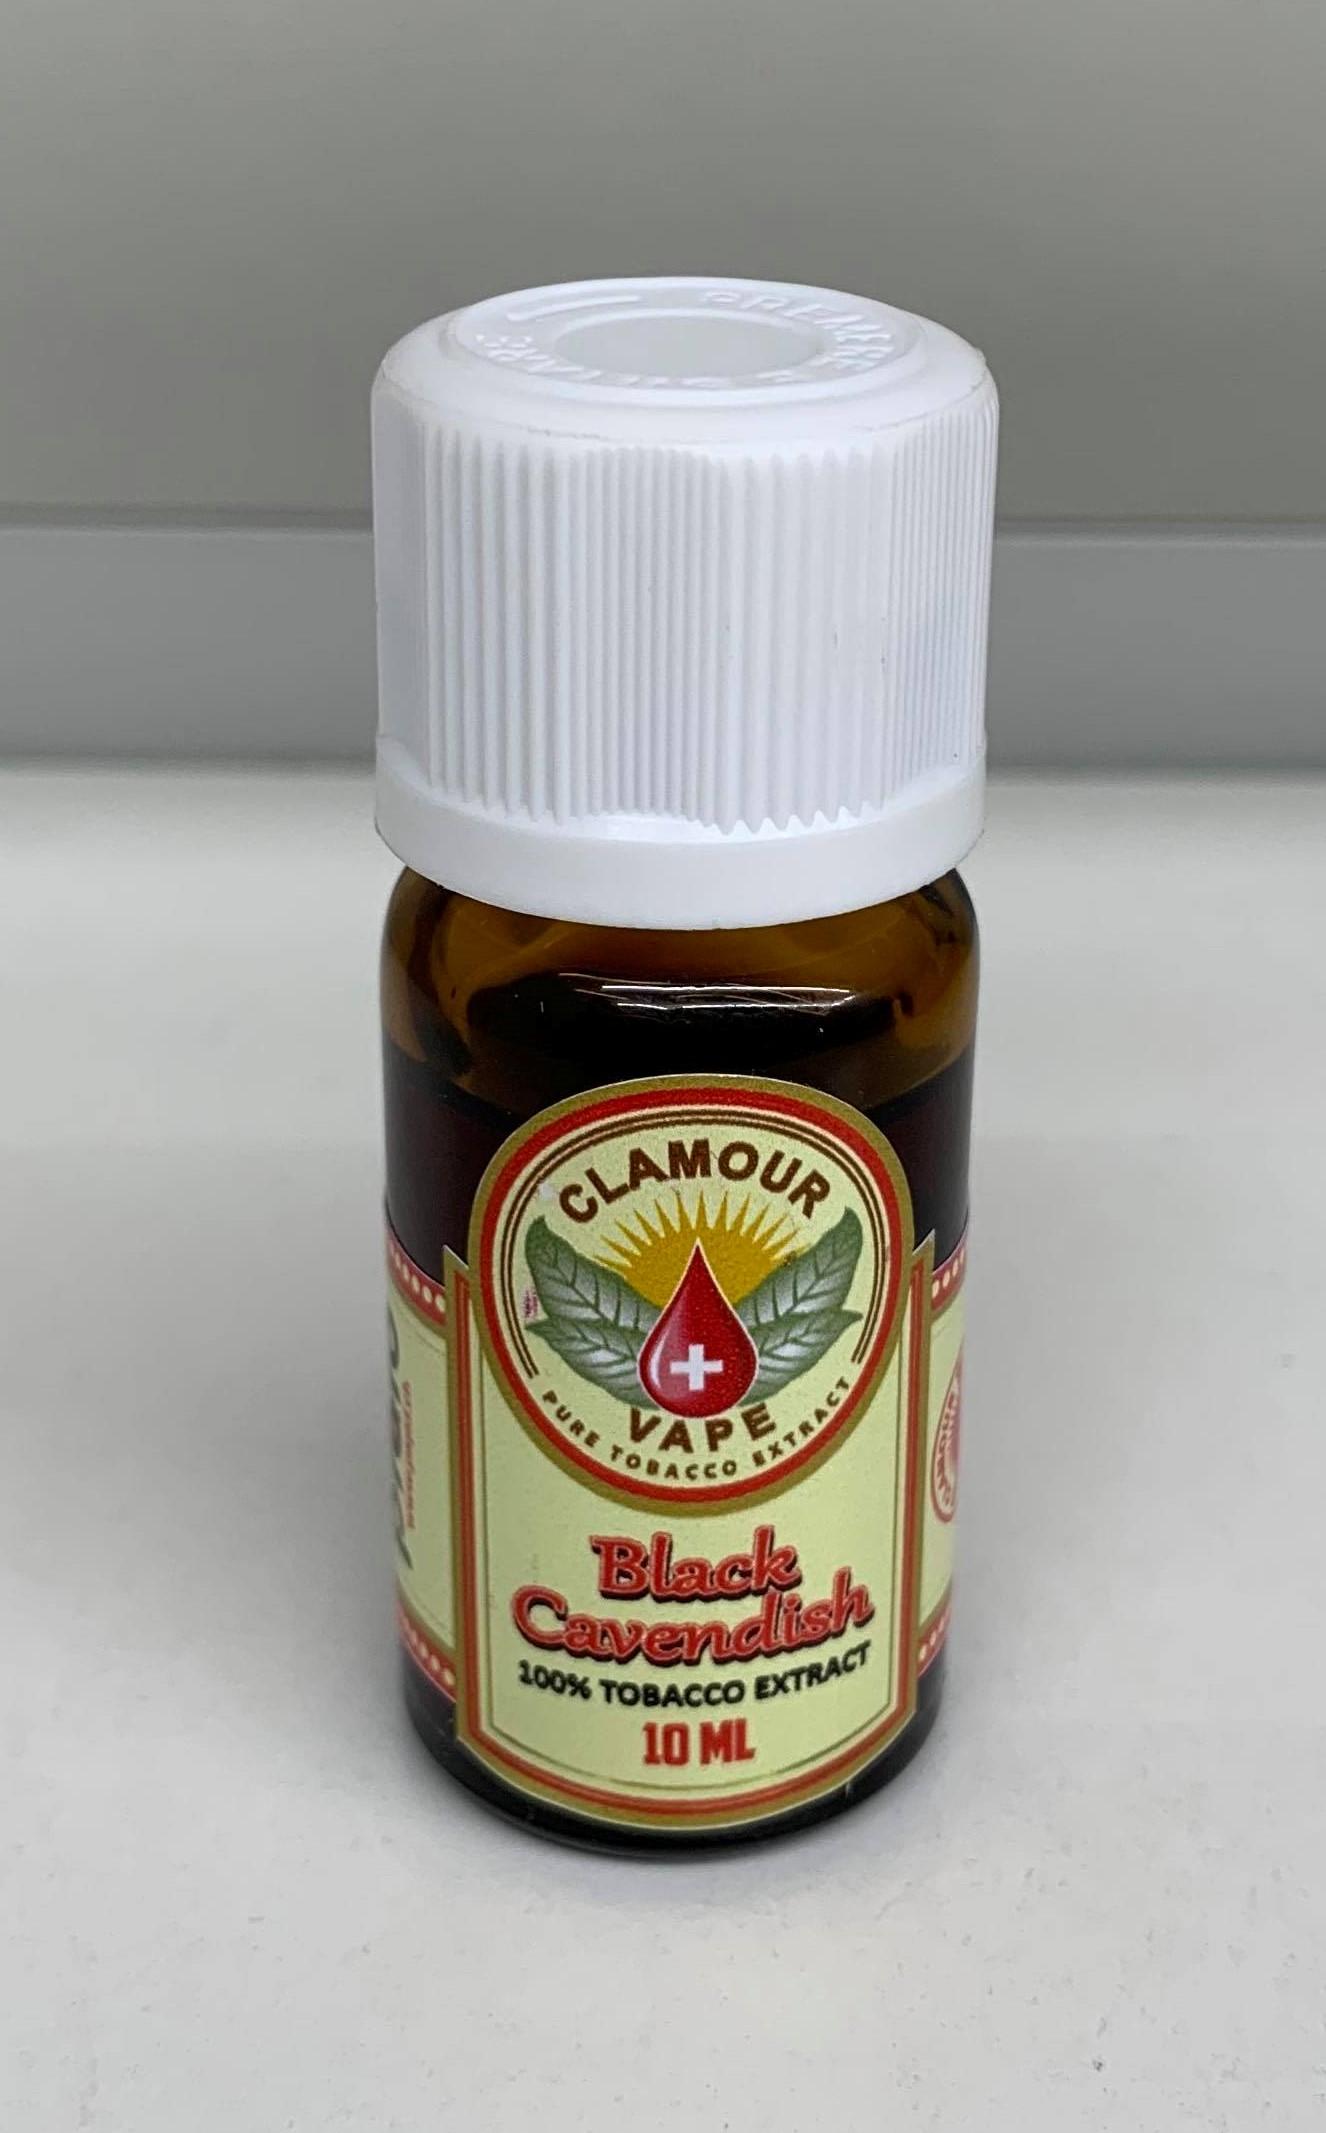 Aroma Black Cavendish 10ml - Clamour Vape